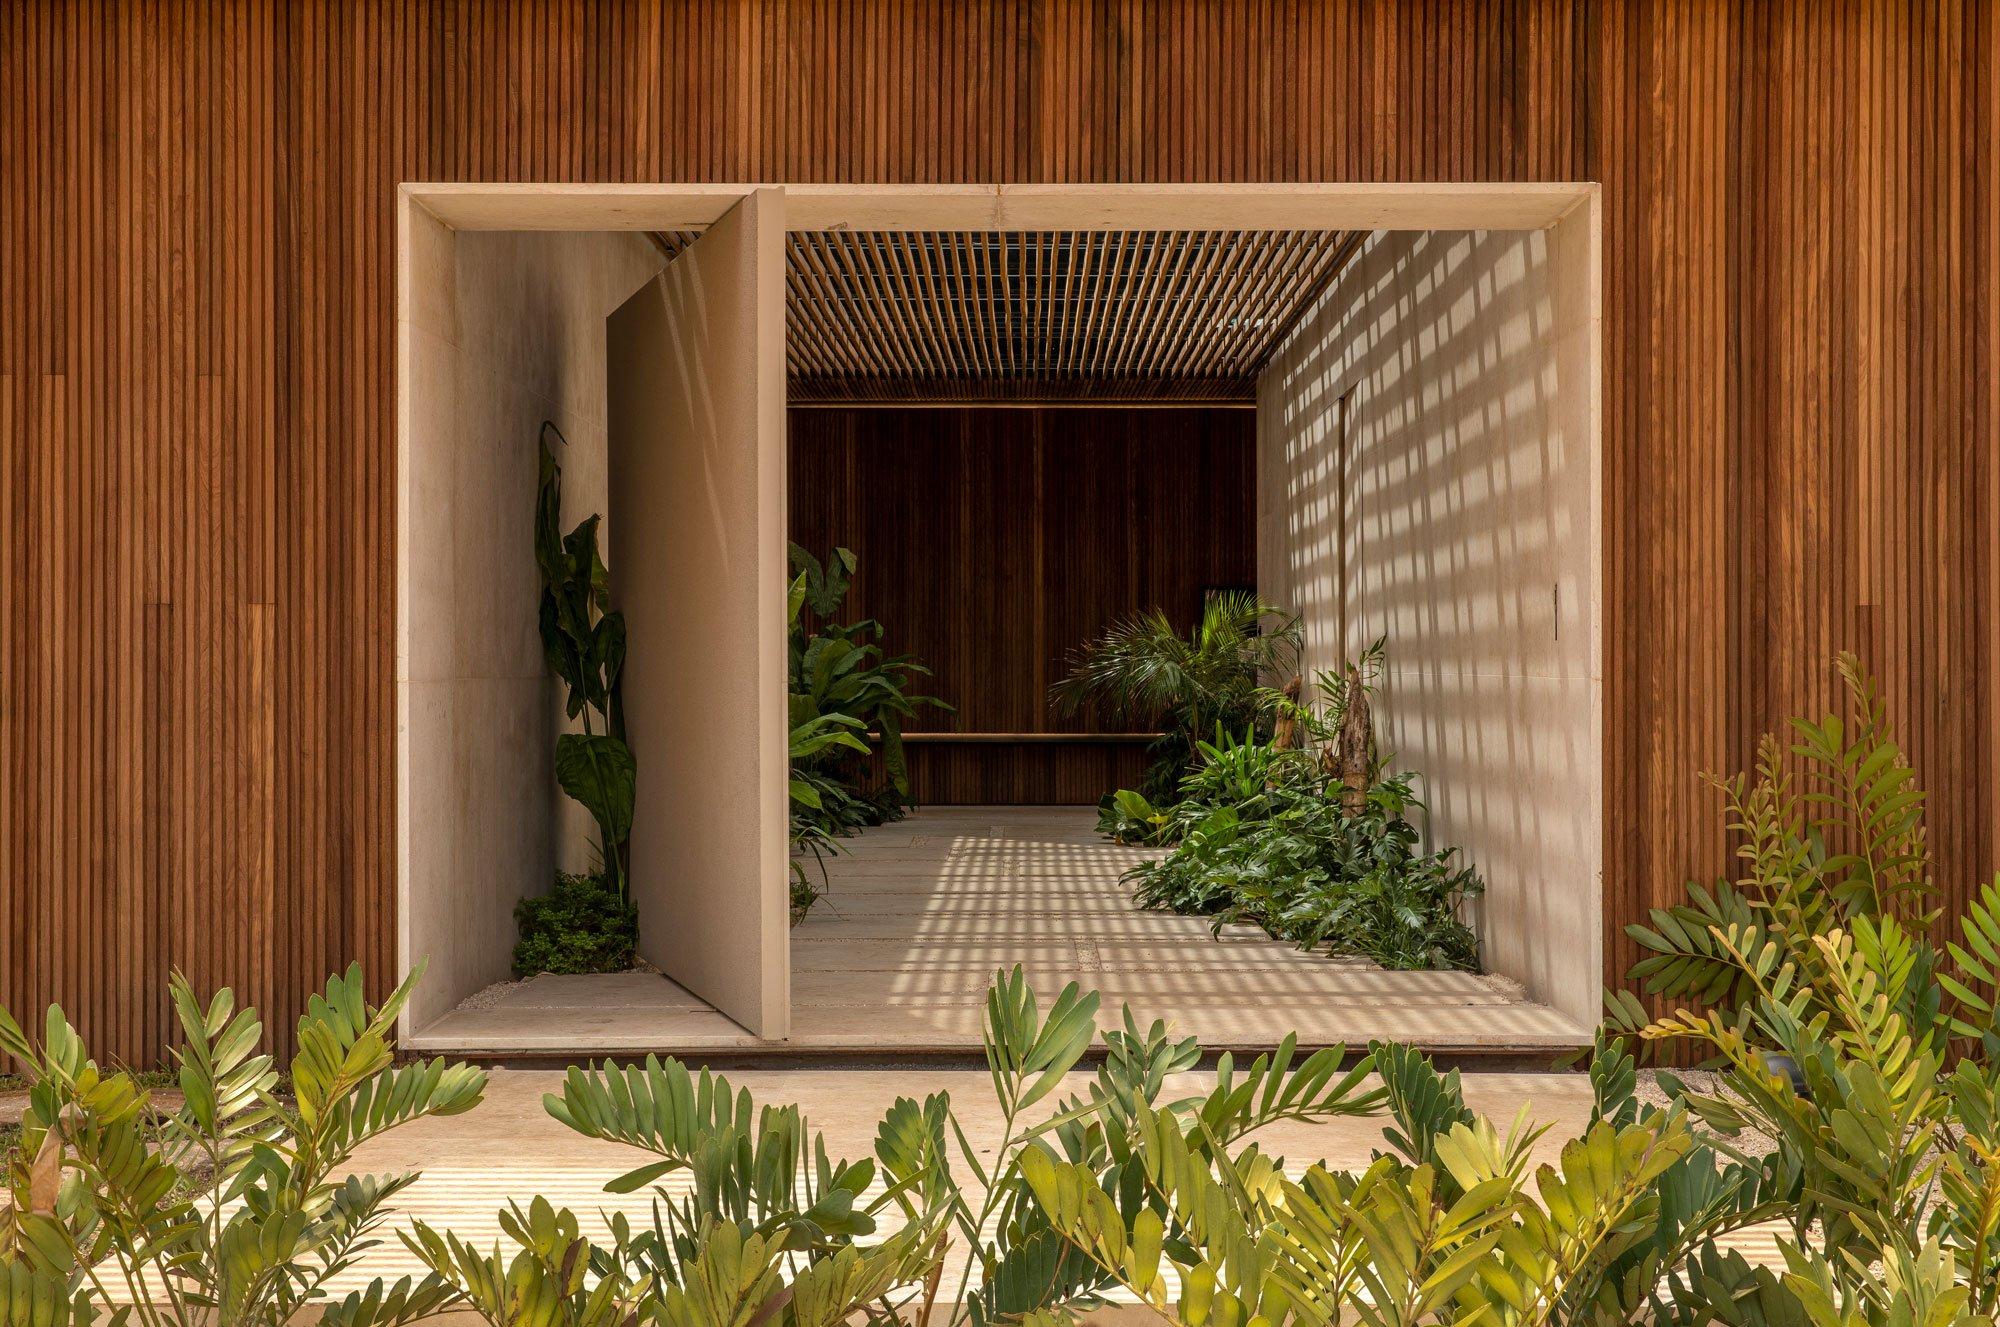 Urlaubsdomizil von mf+arquitetos in Brasilien